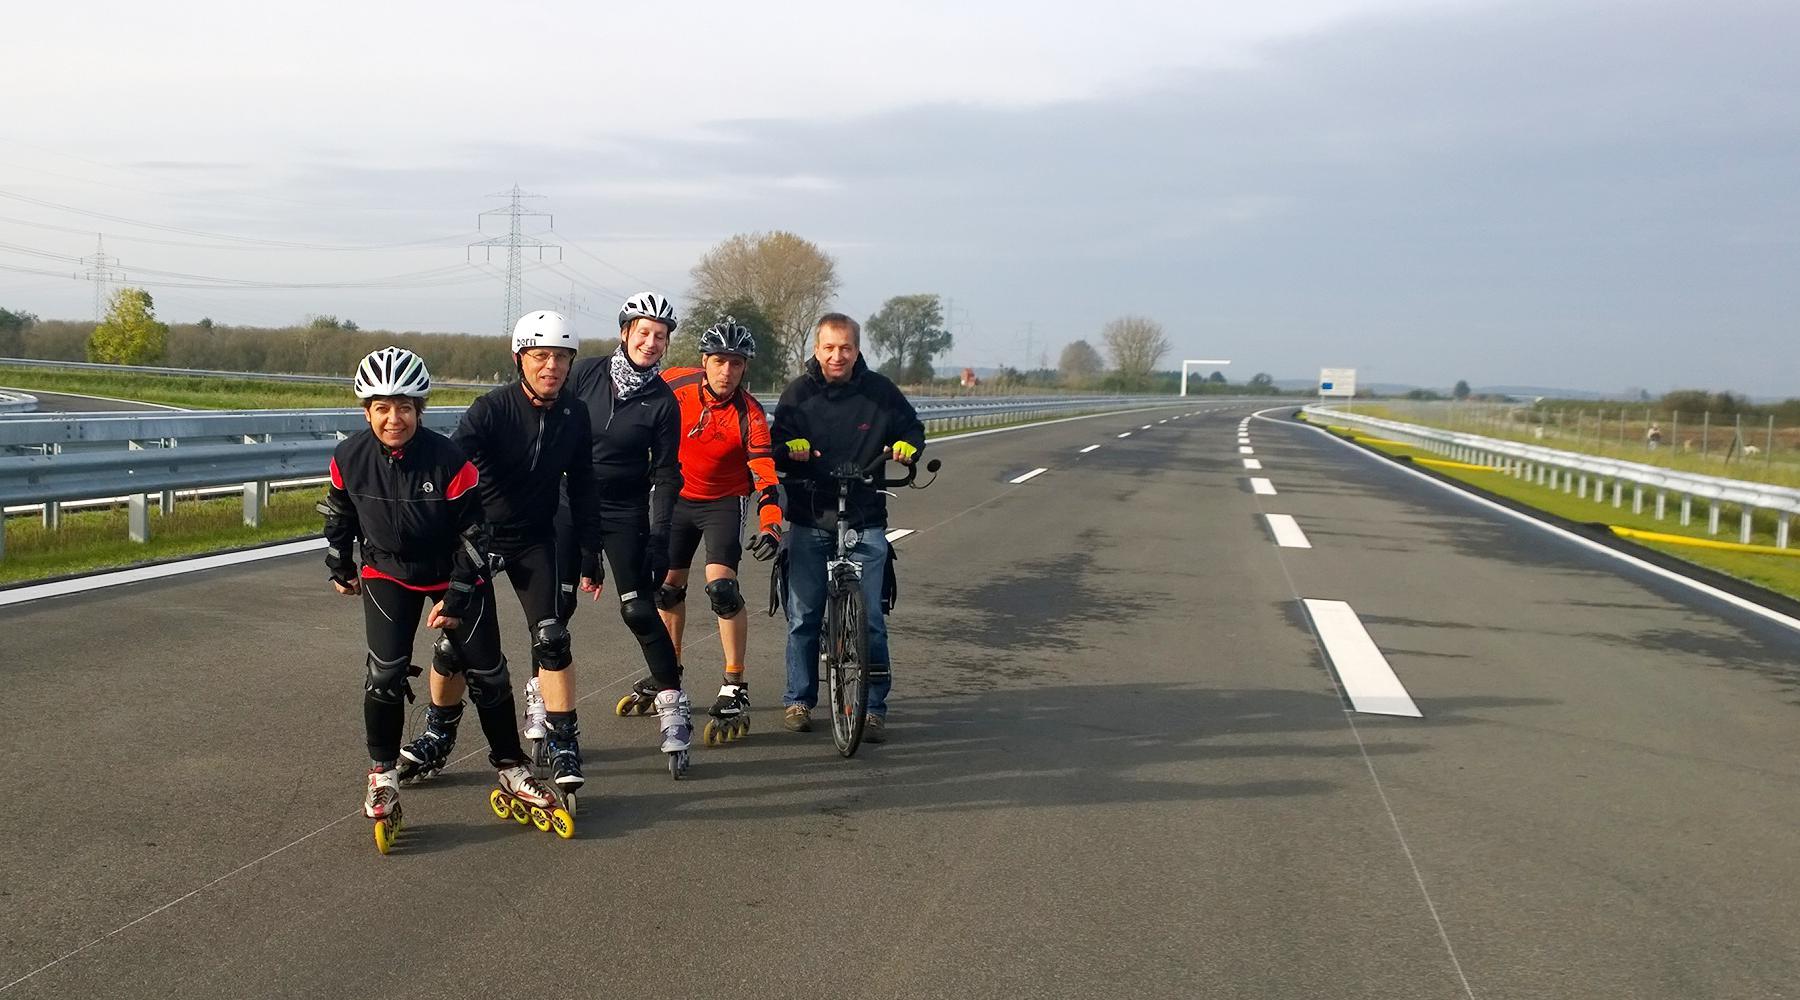 Speedteamler auf der A26 zwischen Jork und Horneburg